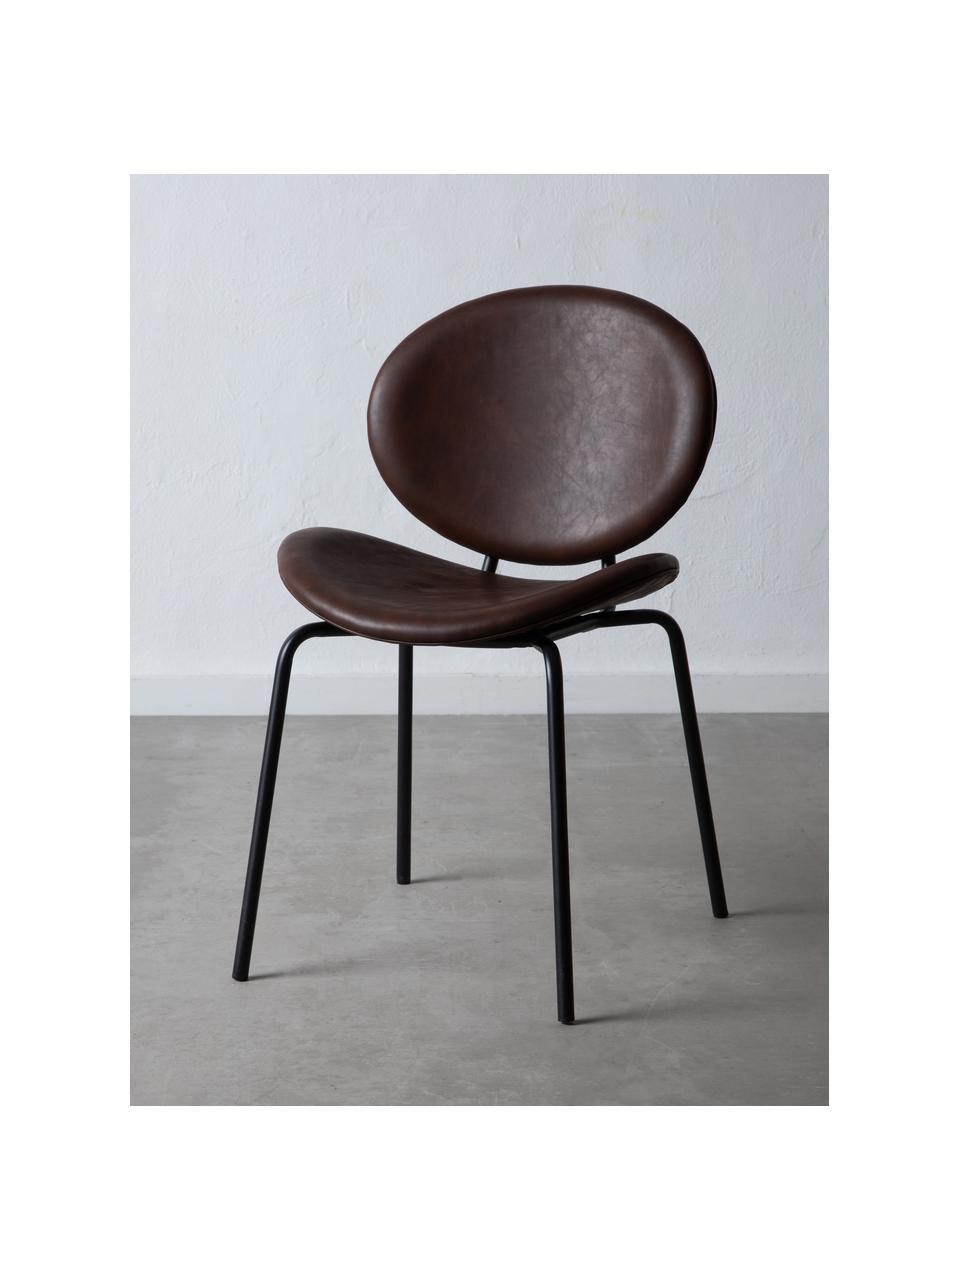 Krzesło tapicerowane ze sztucznej skóry Frankie, Tapicerka: sztuczna skóra (poliureta, Stelaż: polipropylen, Nogi: metal, Ciemny brązowy, czarny, S 53 x G 50 cm